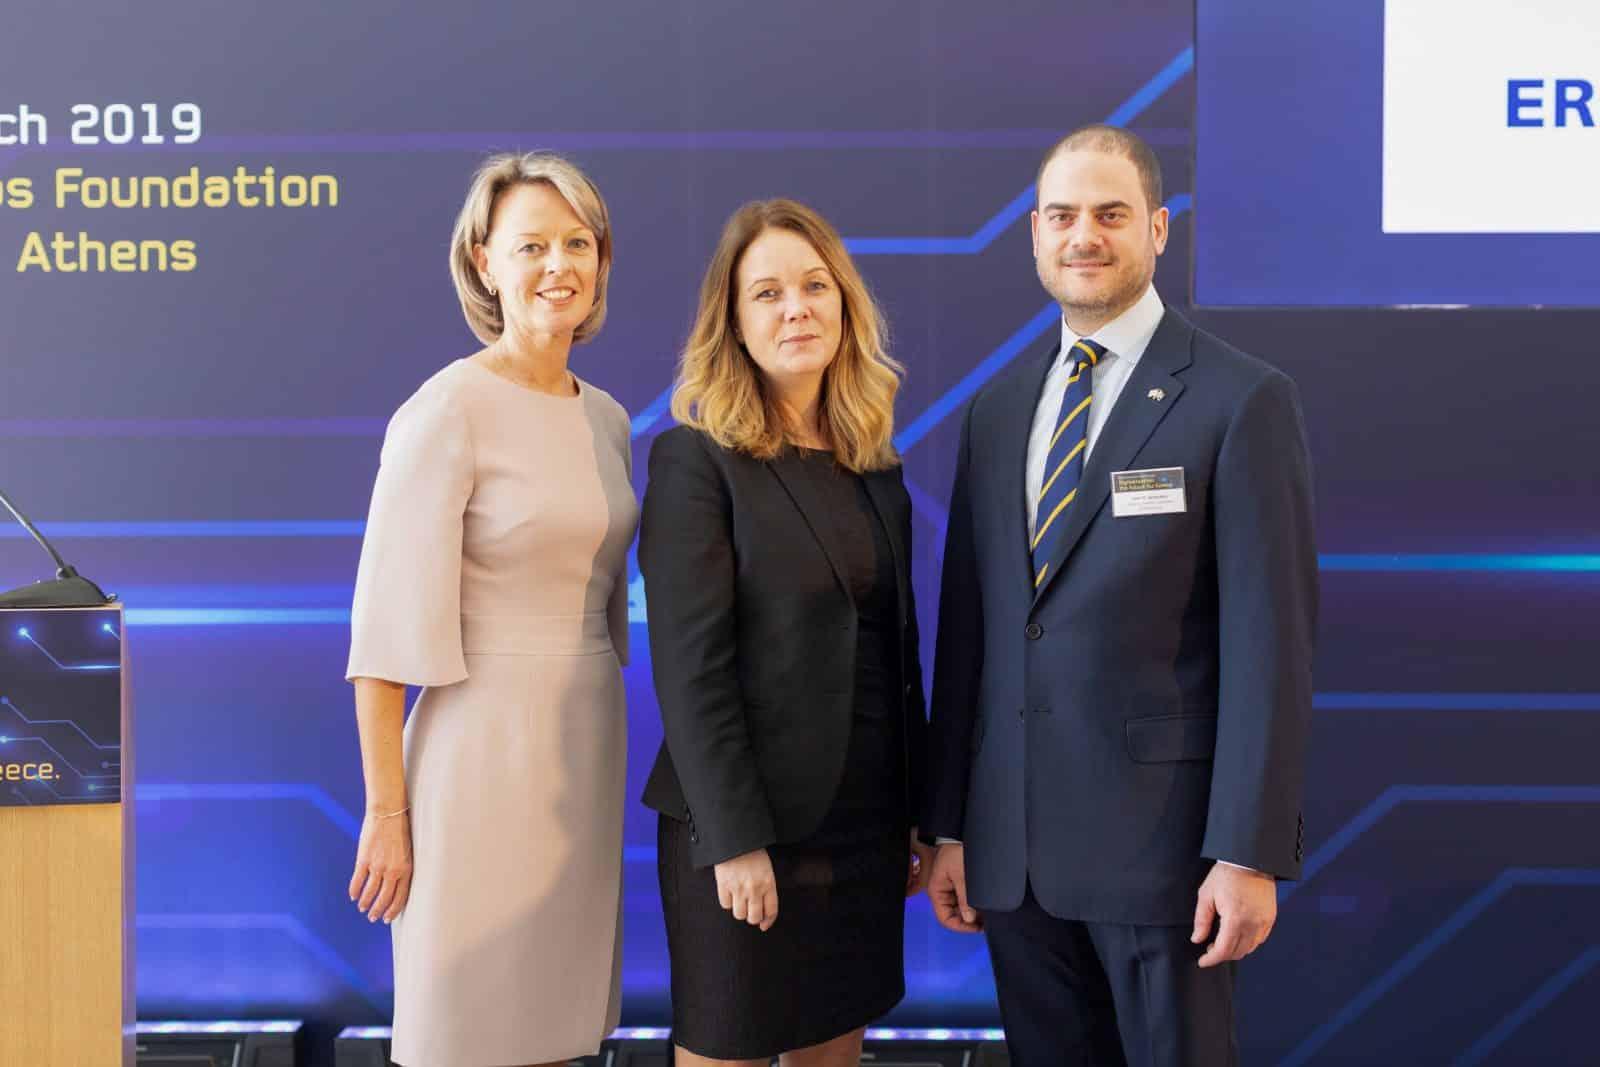 5ο Επιχειρηματικό Φόρουμ Ελλάδας - Σουηδίας